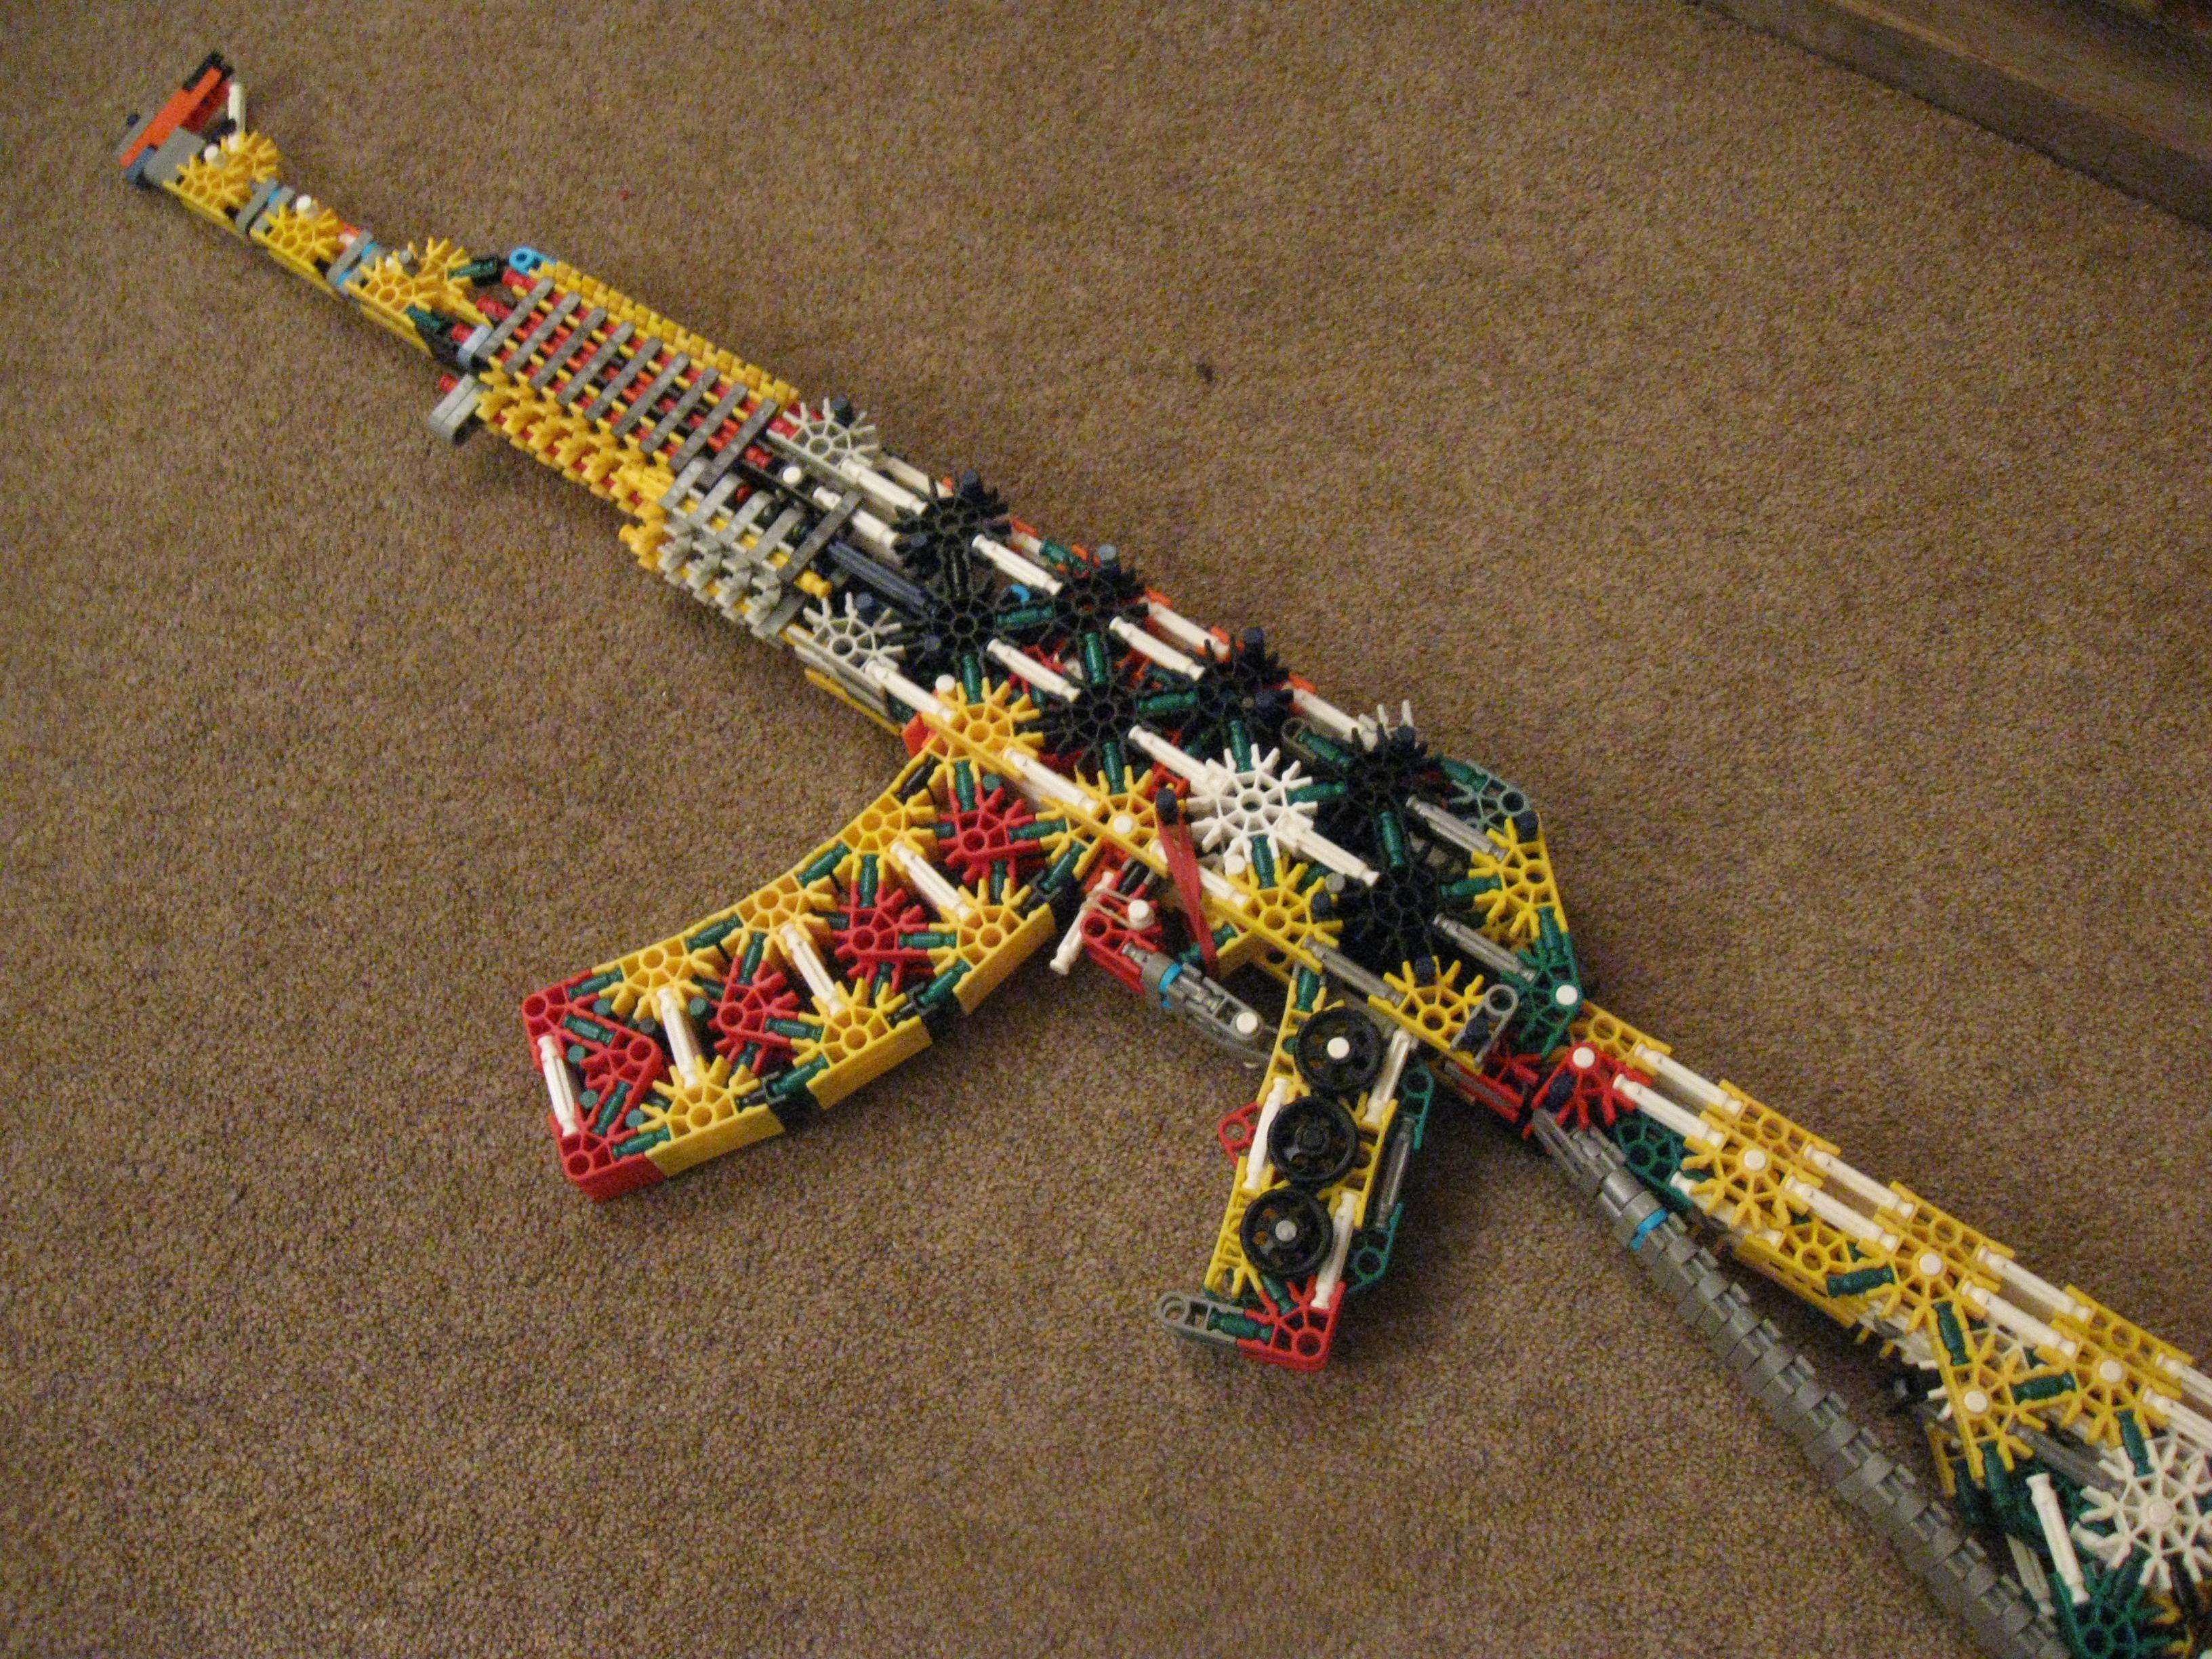 Picture of K'nex AK-47 Model